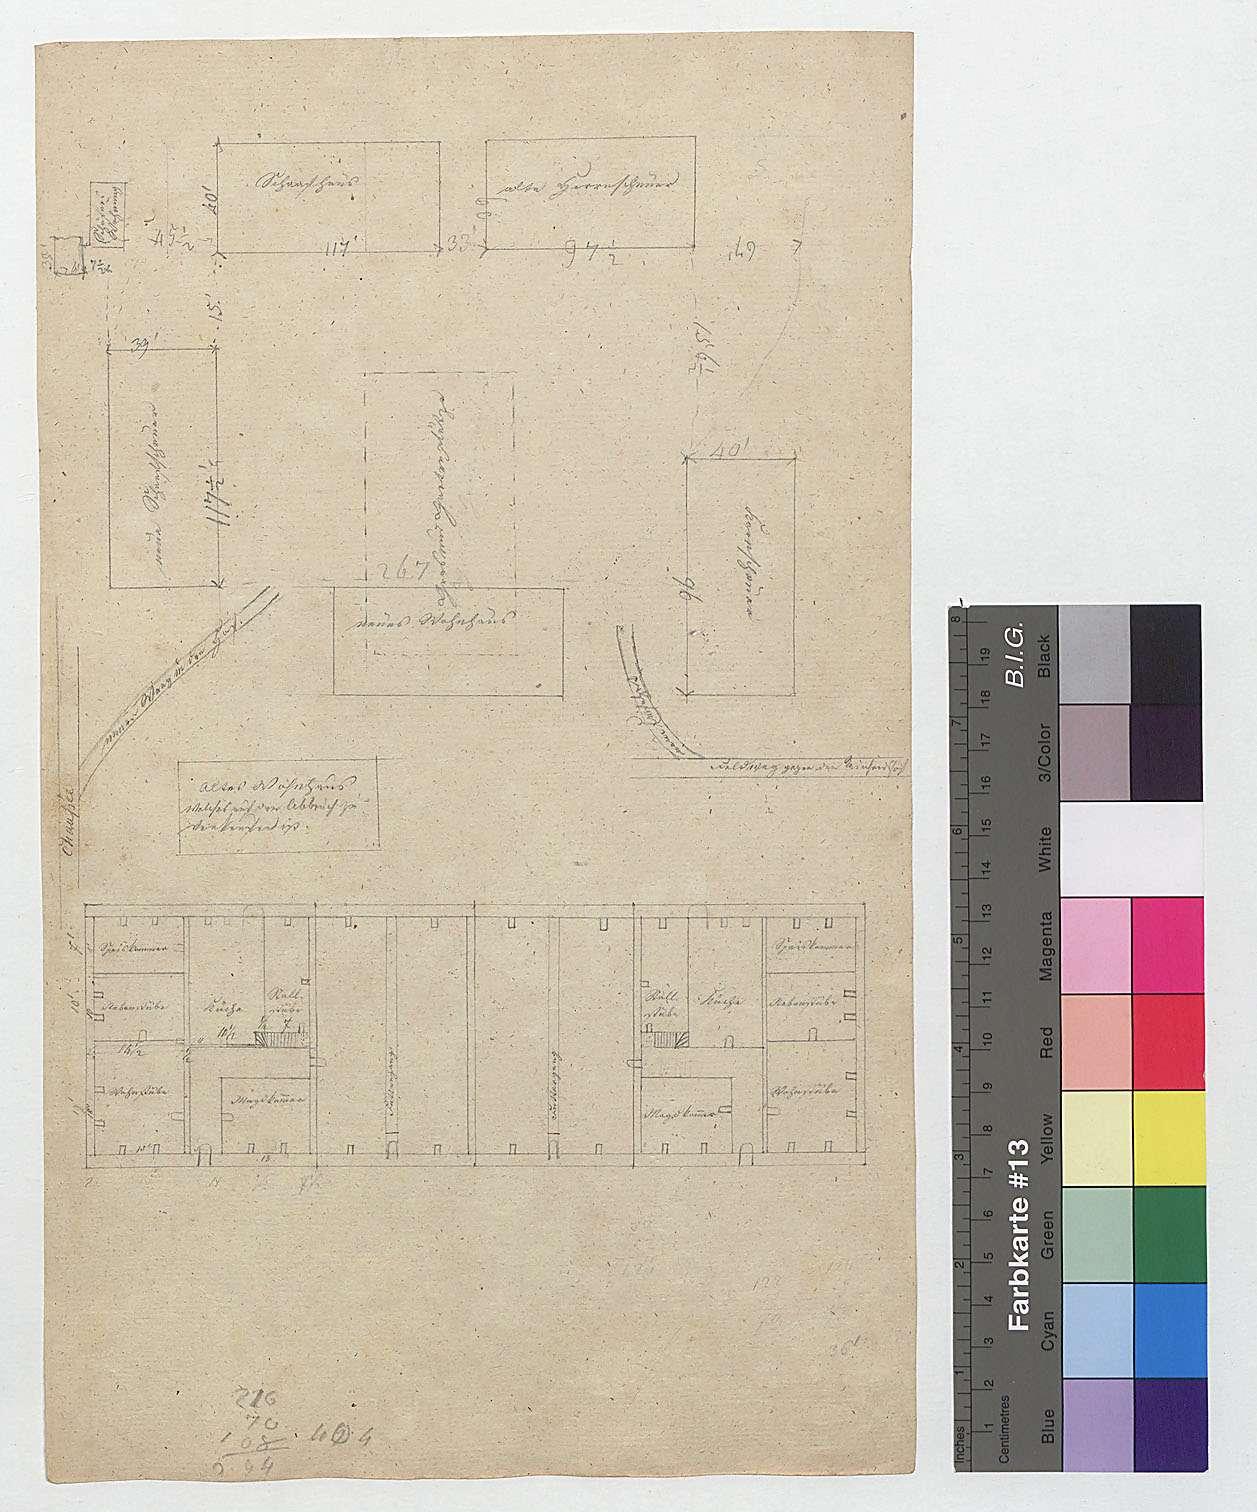 Bauwesen auf dem Hofgut Neuhof, Bild 1